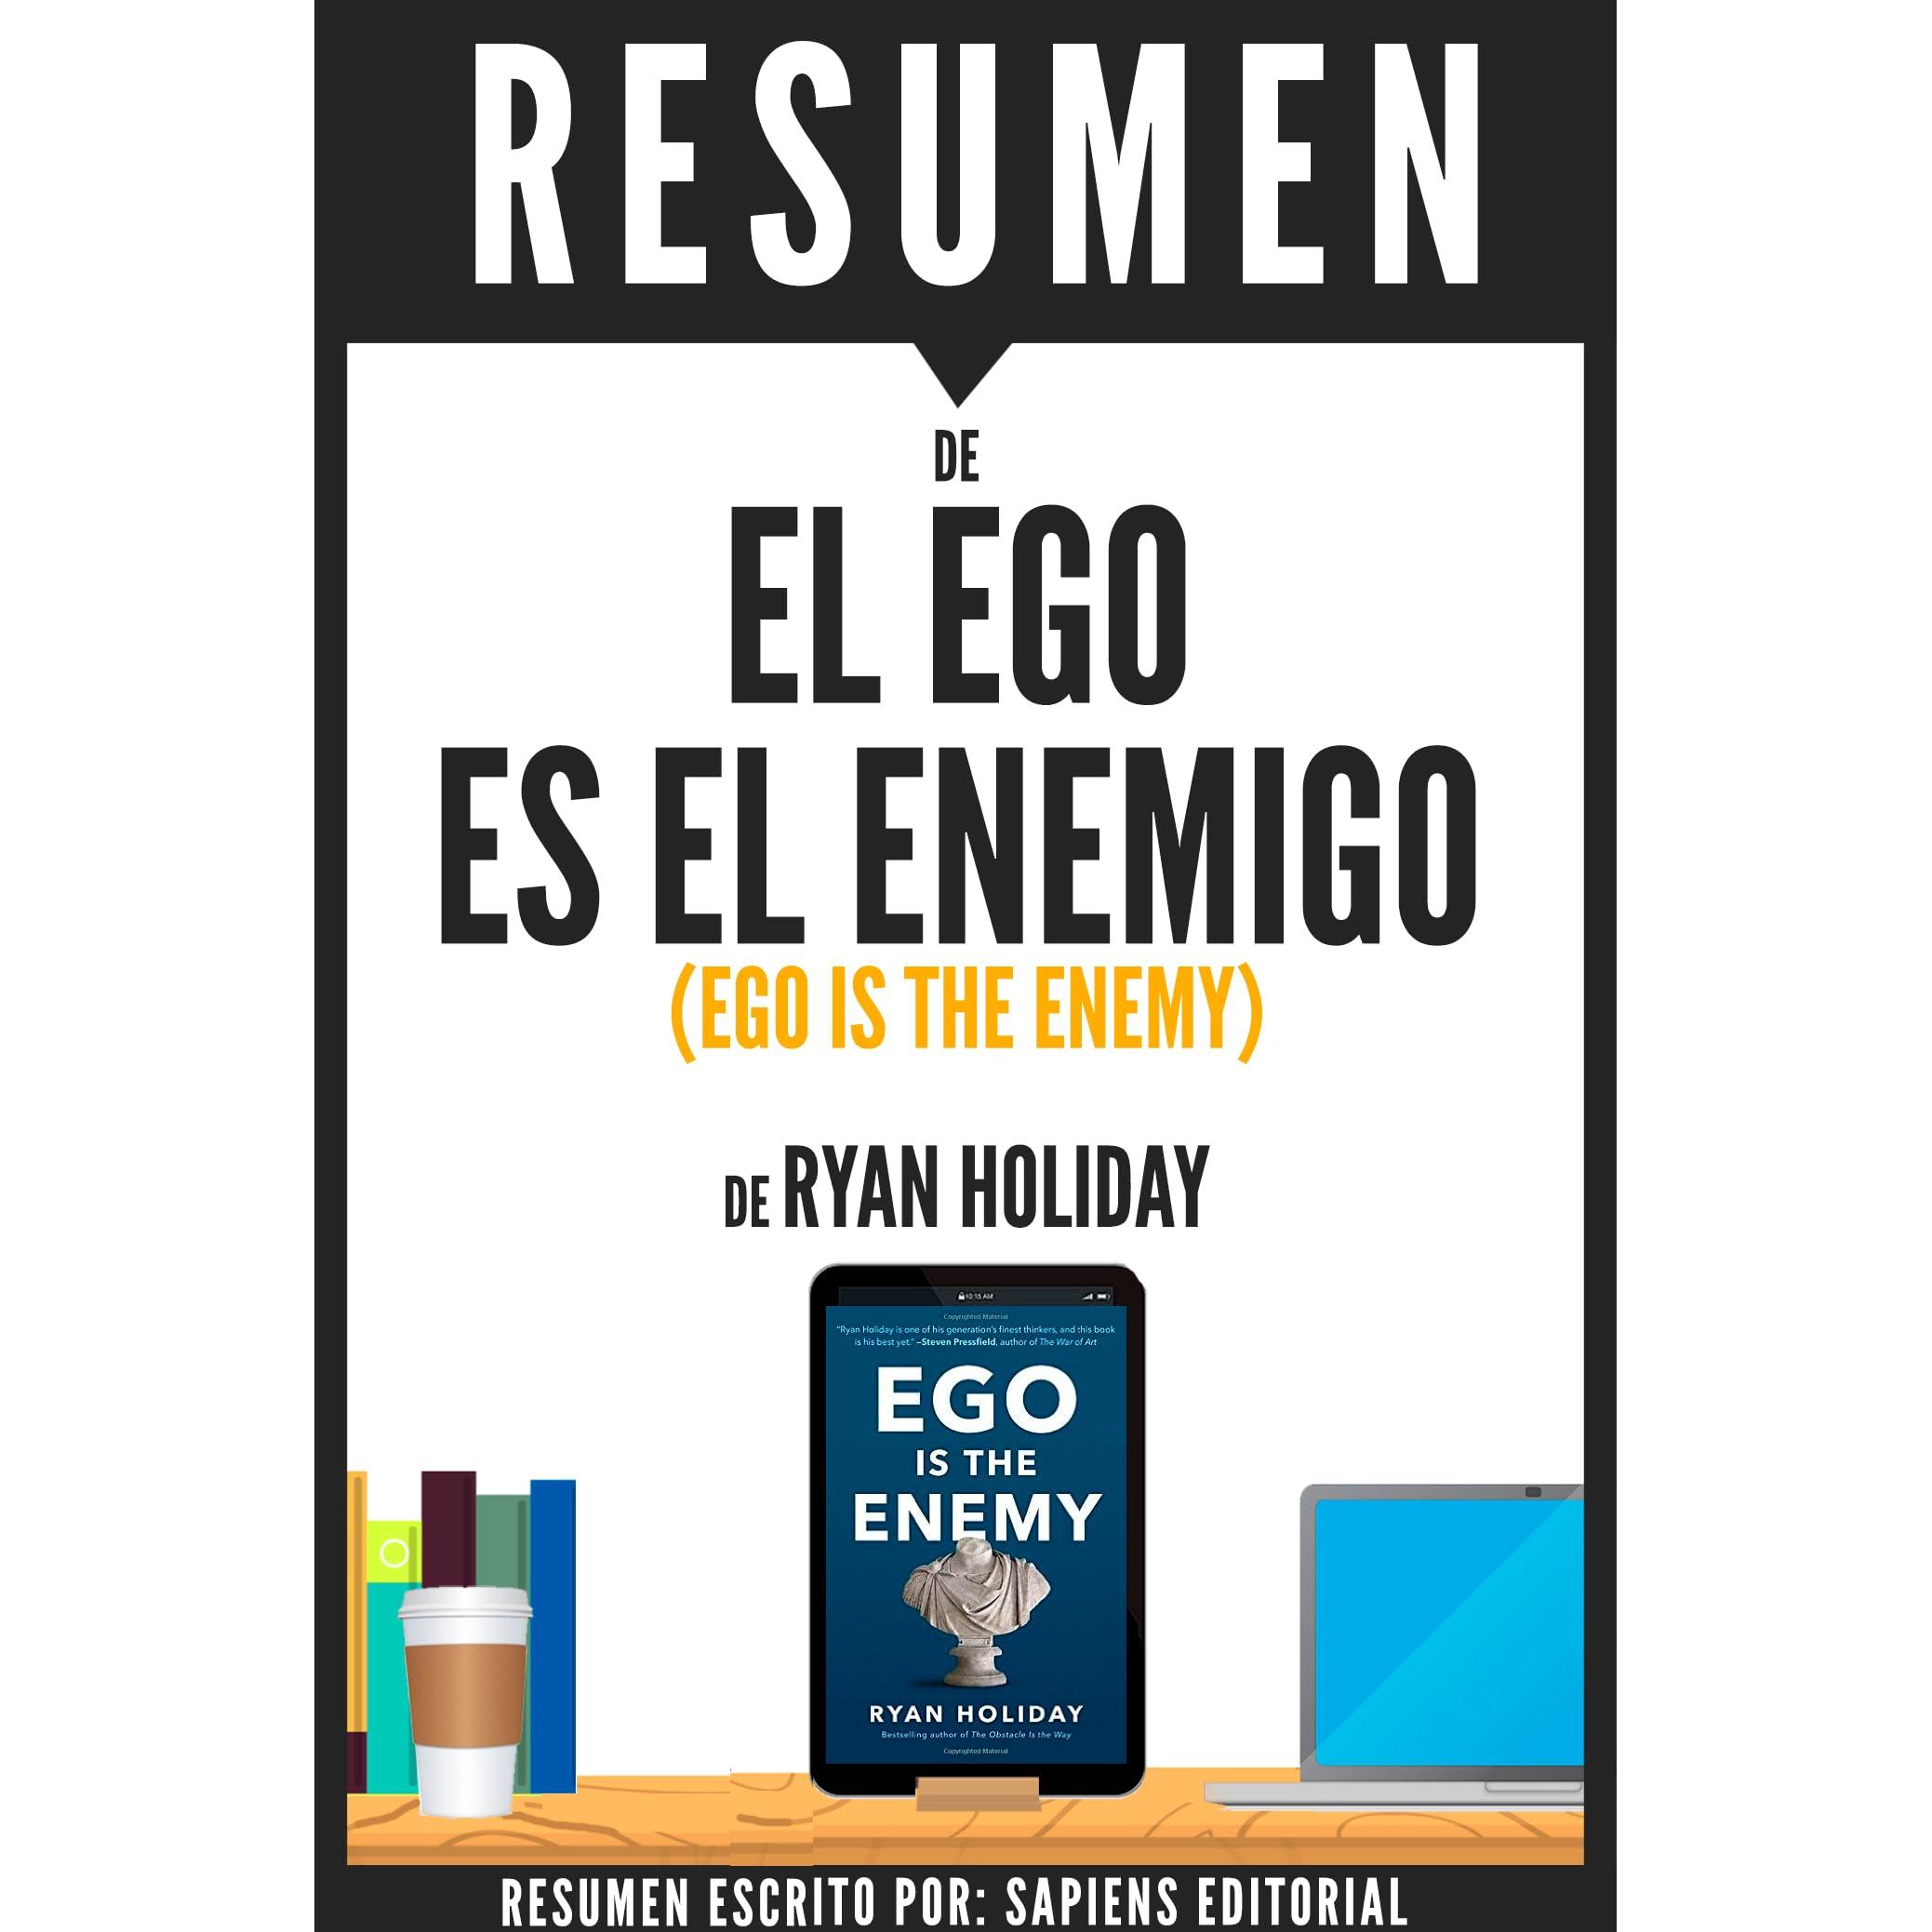 El Ego Es El Enemigo (Ego Is The Enemy): Resumen del libro de Ryan Holiday  by Sapiens Editorial